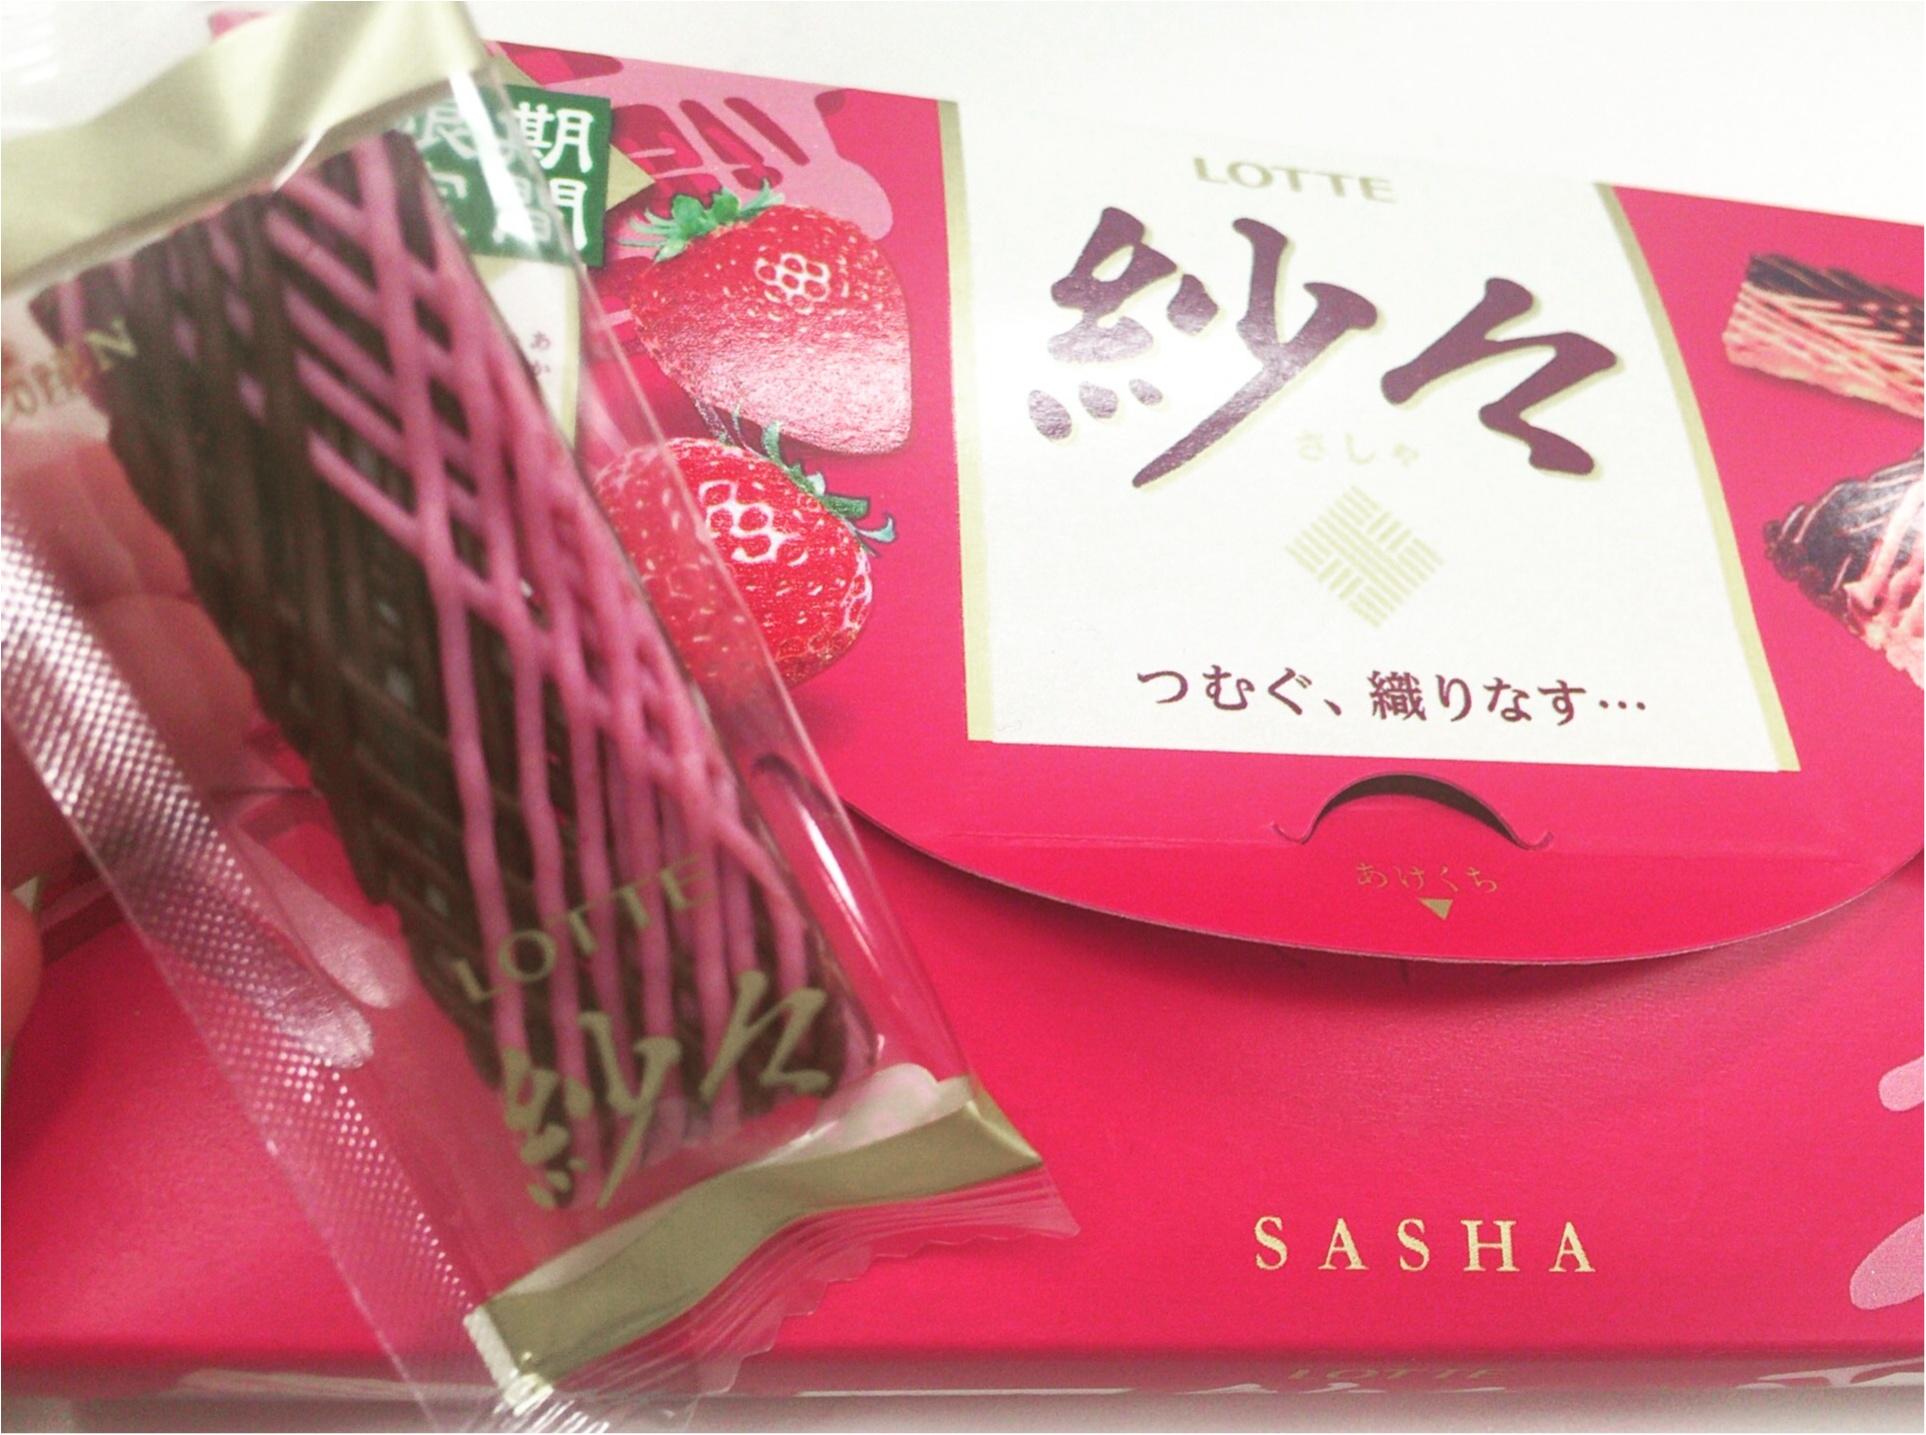 【チョコ】パリパリっとした食感が楽しい『紗々』に≪赤紅いちご≫が新登場♡♡_3